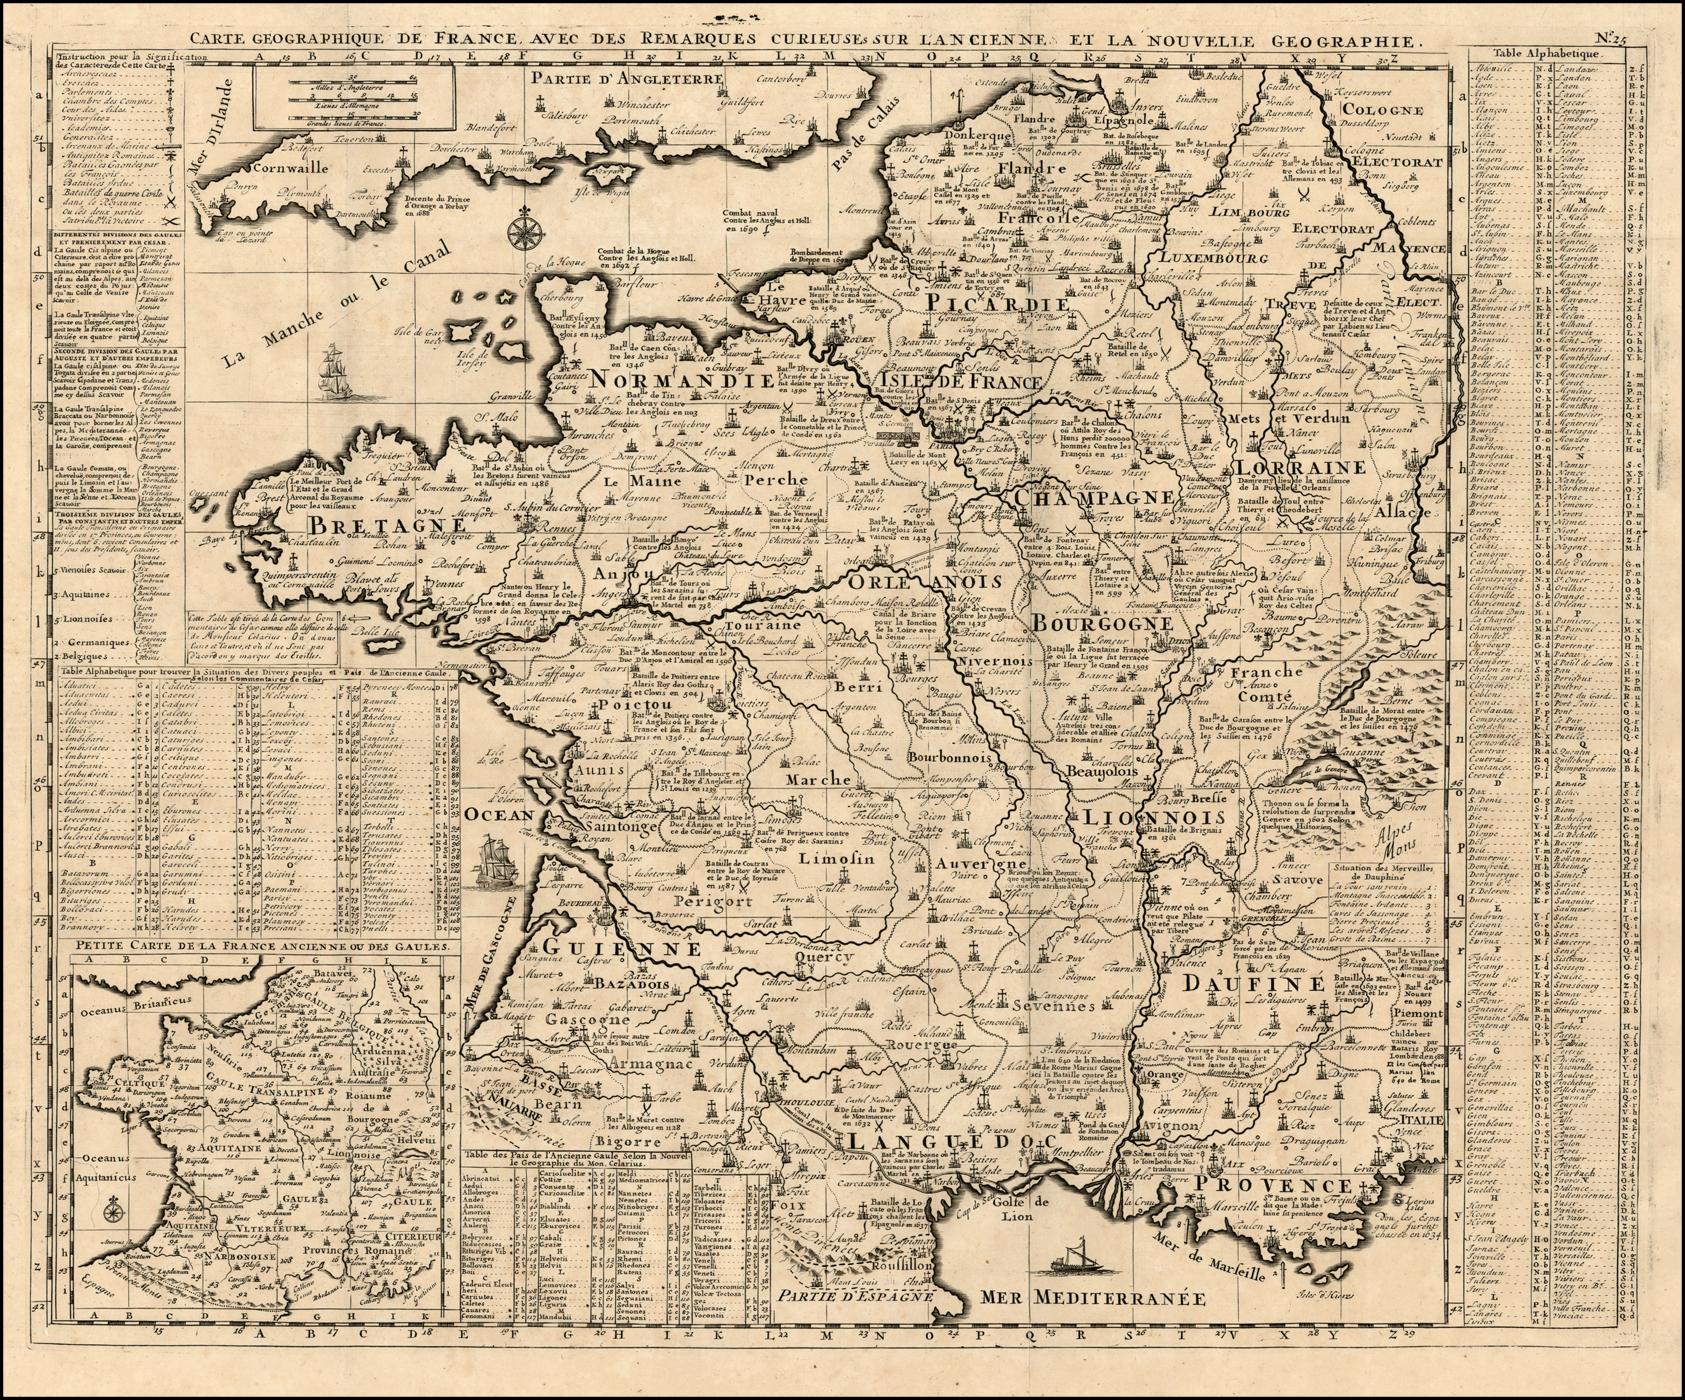 Carte Geographique De France, Avec Des Remarques Curieuses Sur L'Ancienne Et La Nouvelle ...